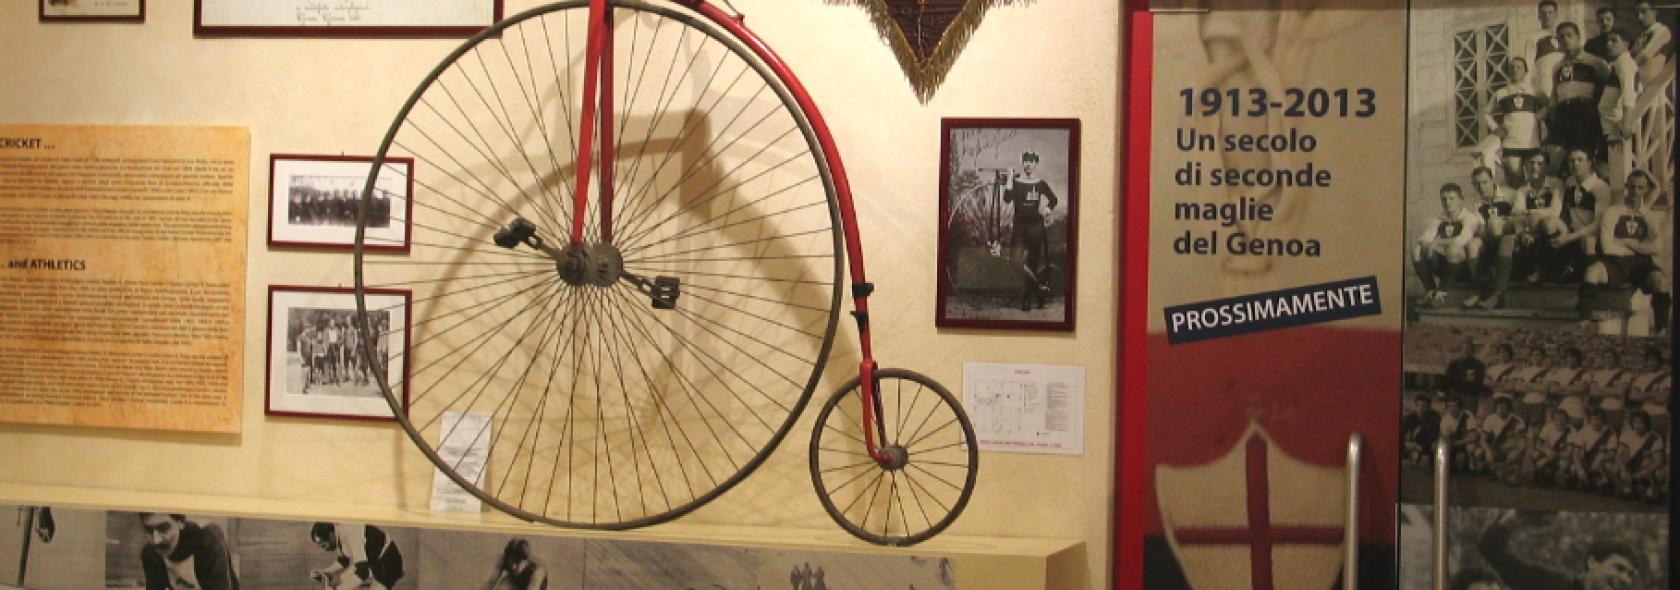 Museo della Storia del Genoa - Sala denominata Inizia la leggenda